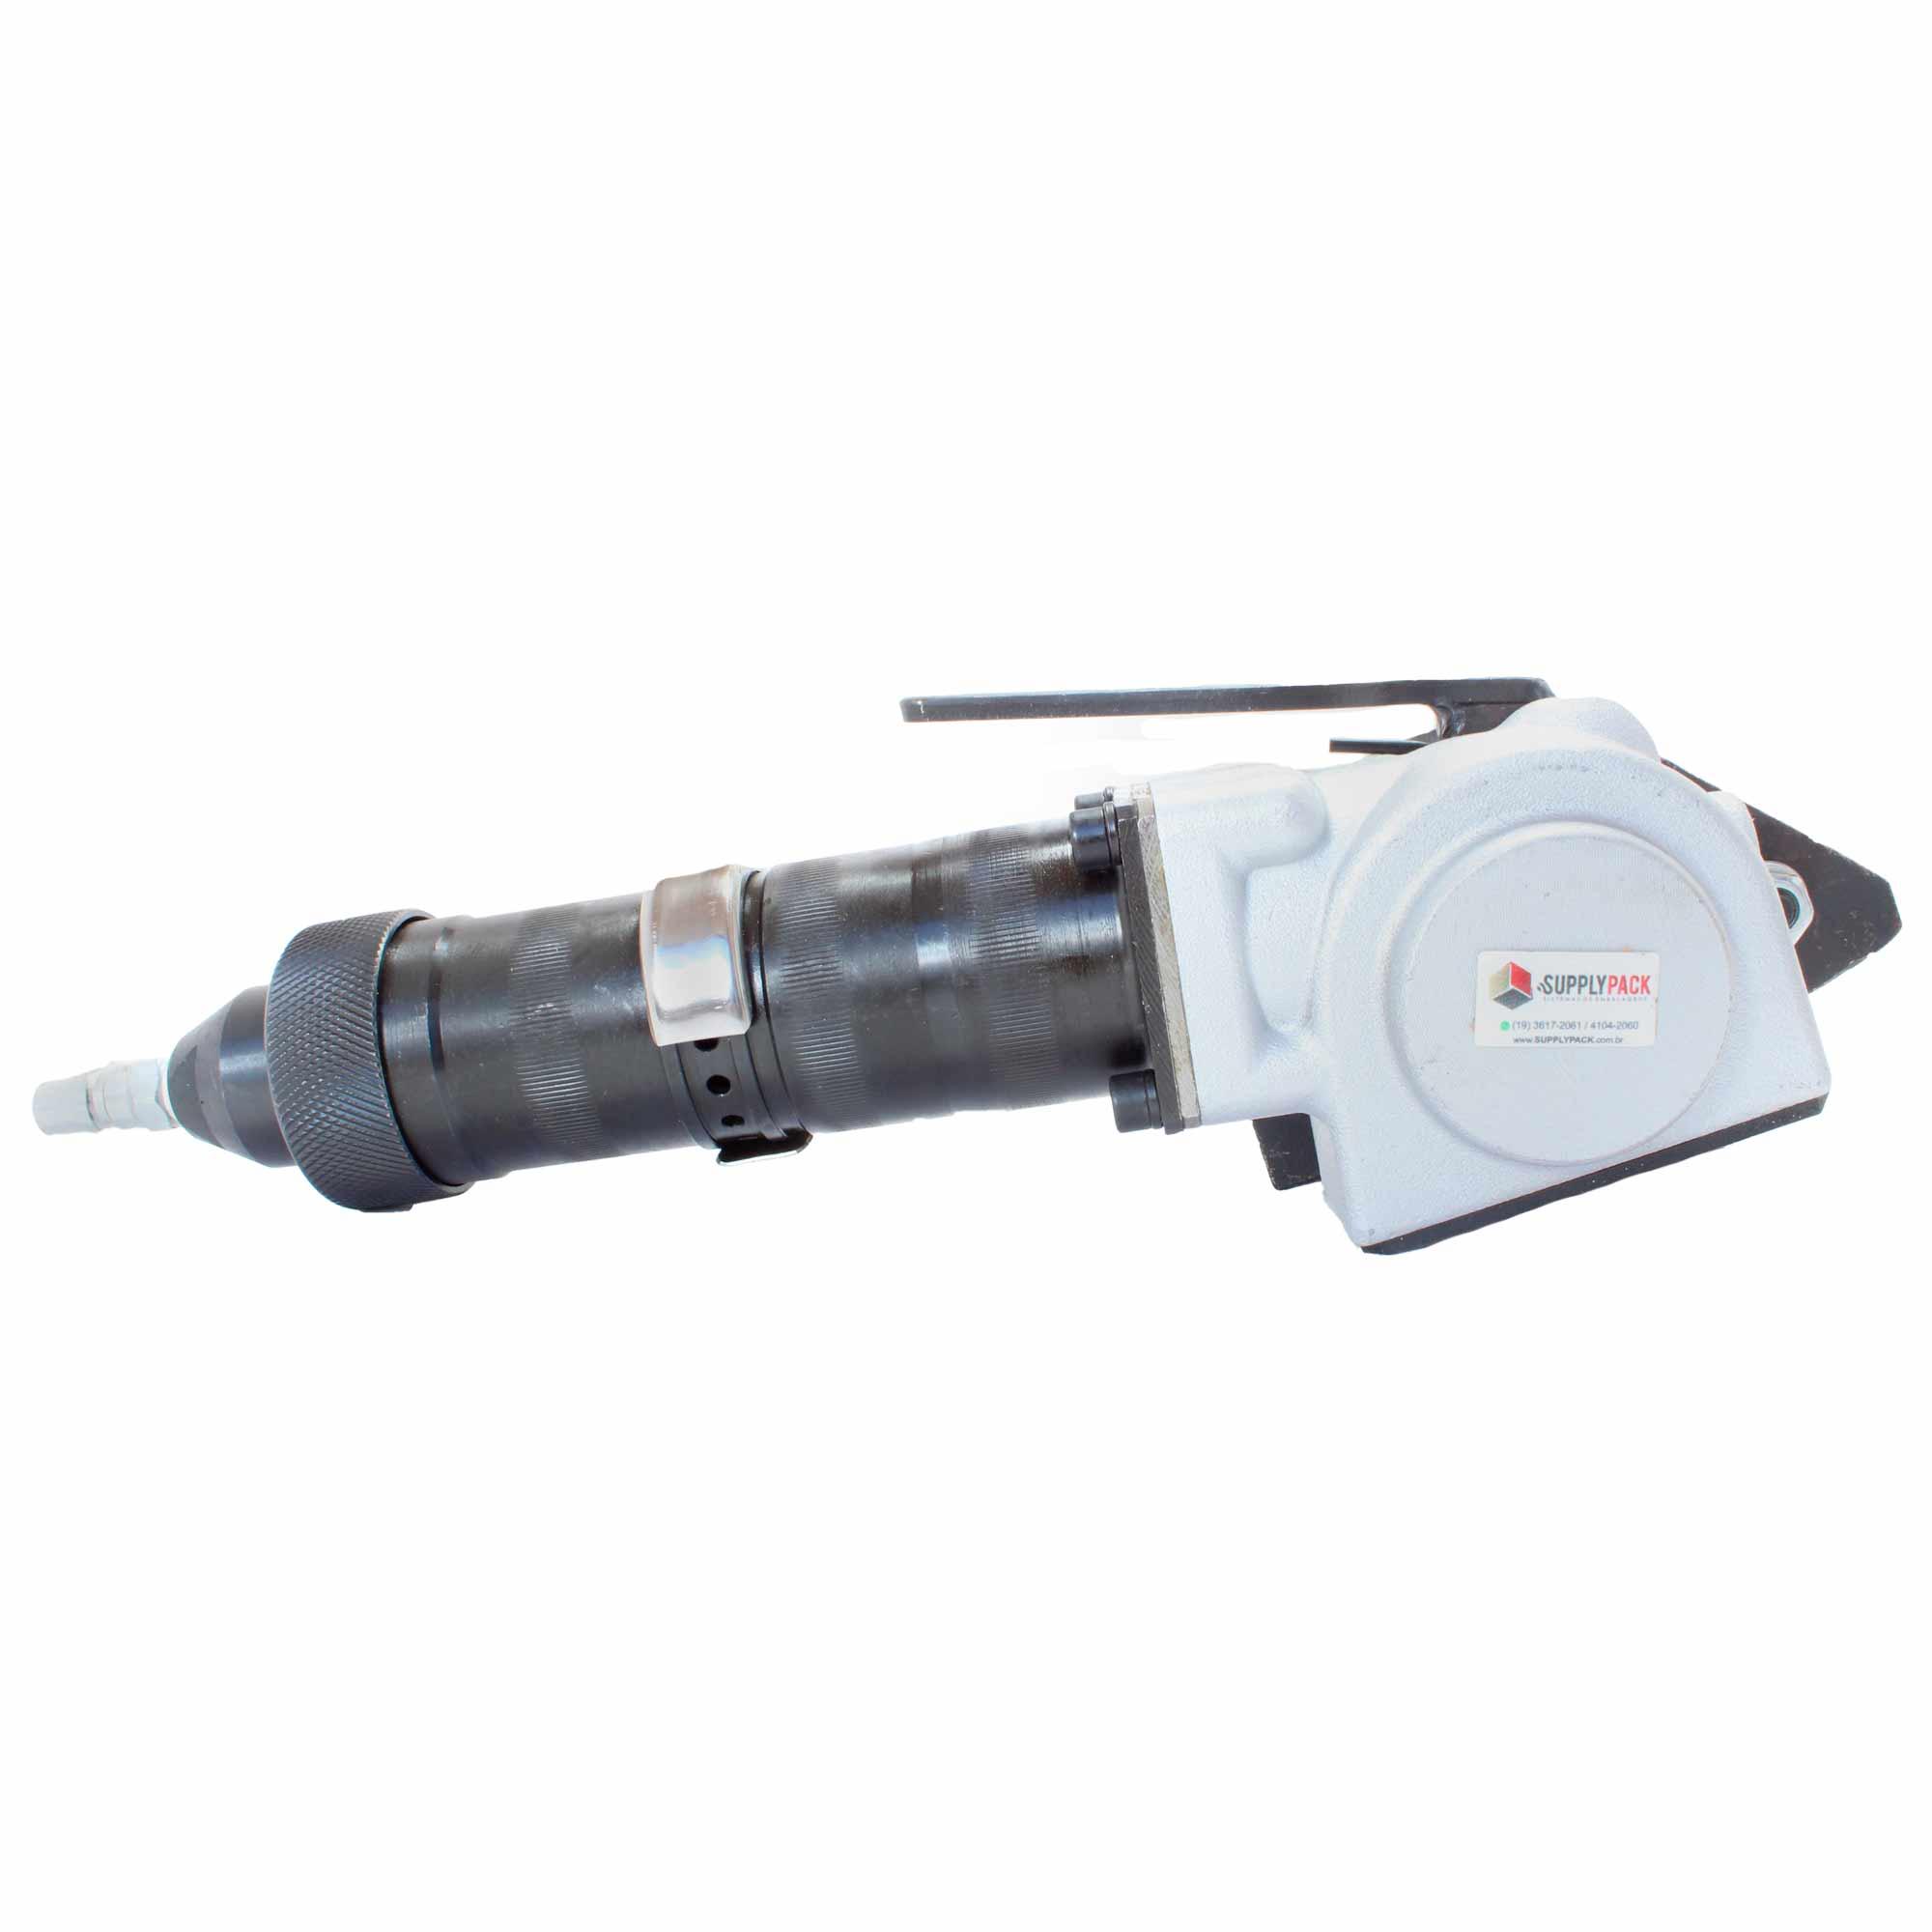 Esticador Pneumático P/ Fita de Aço 32 MM Supplypack